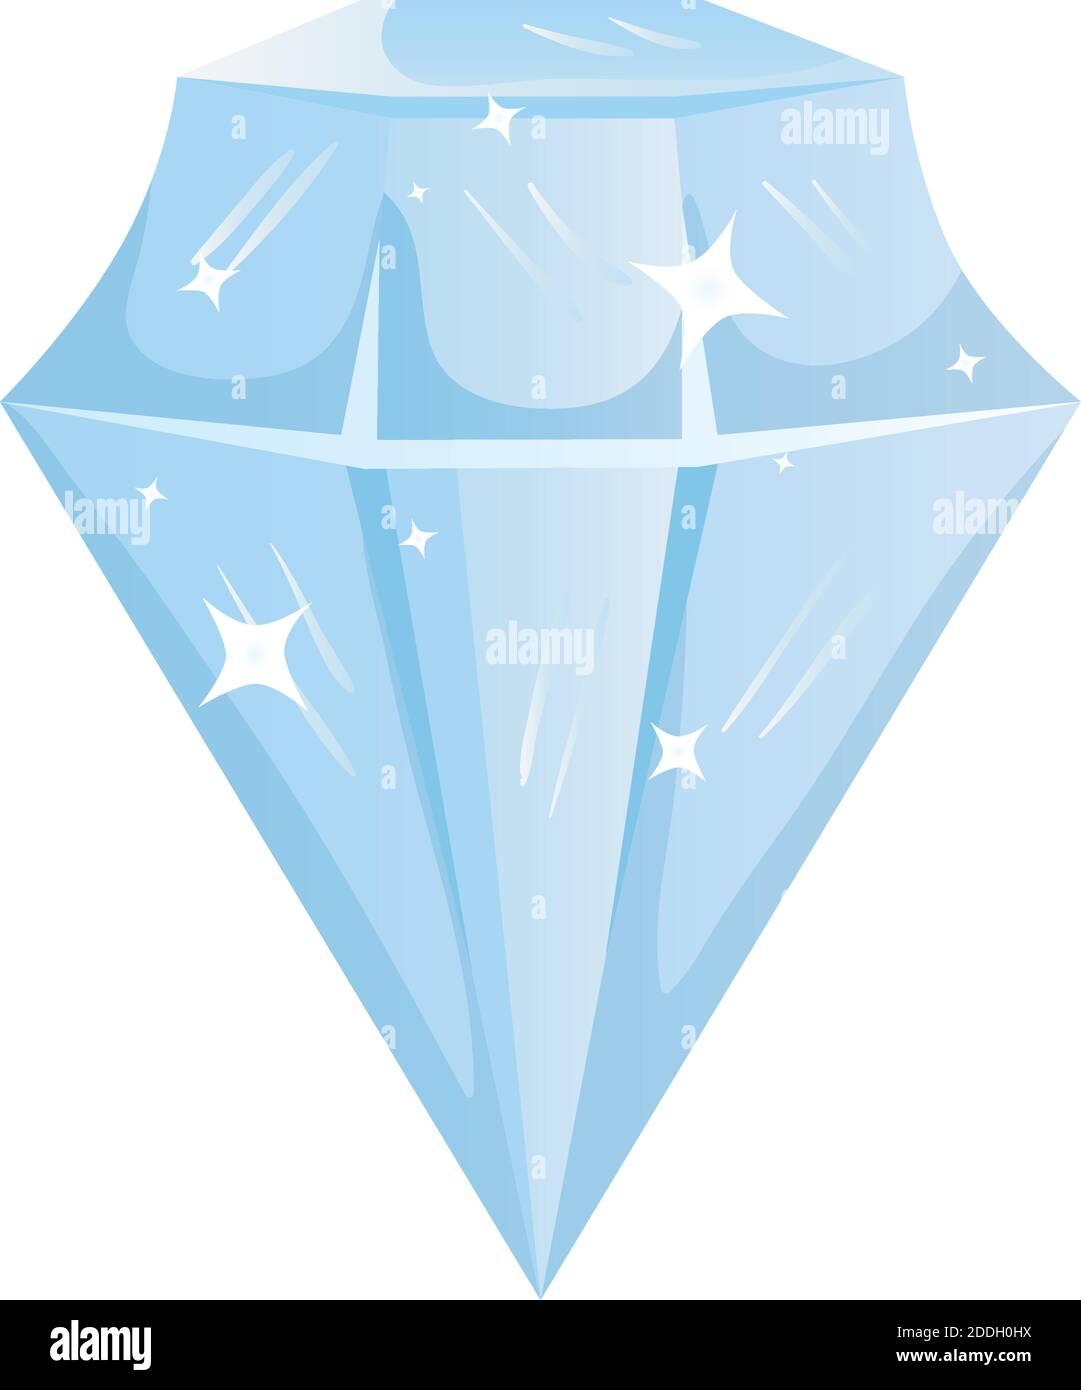 icono aislado de piedra de diamante de lujo Ilustración del Vector